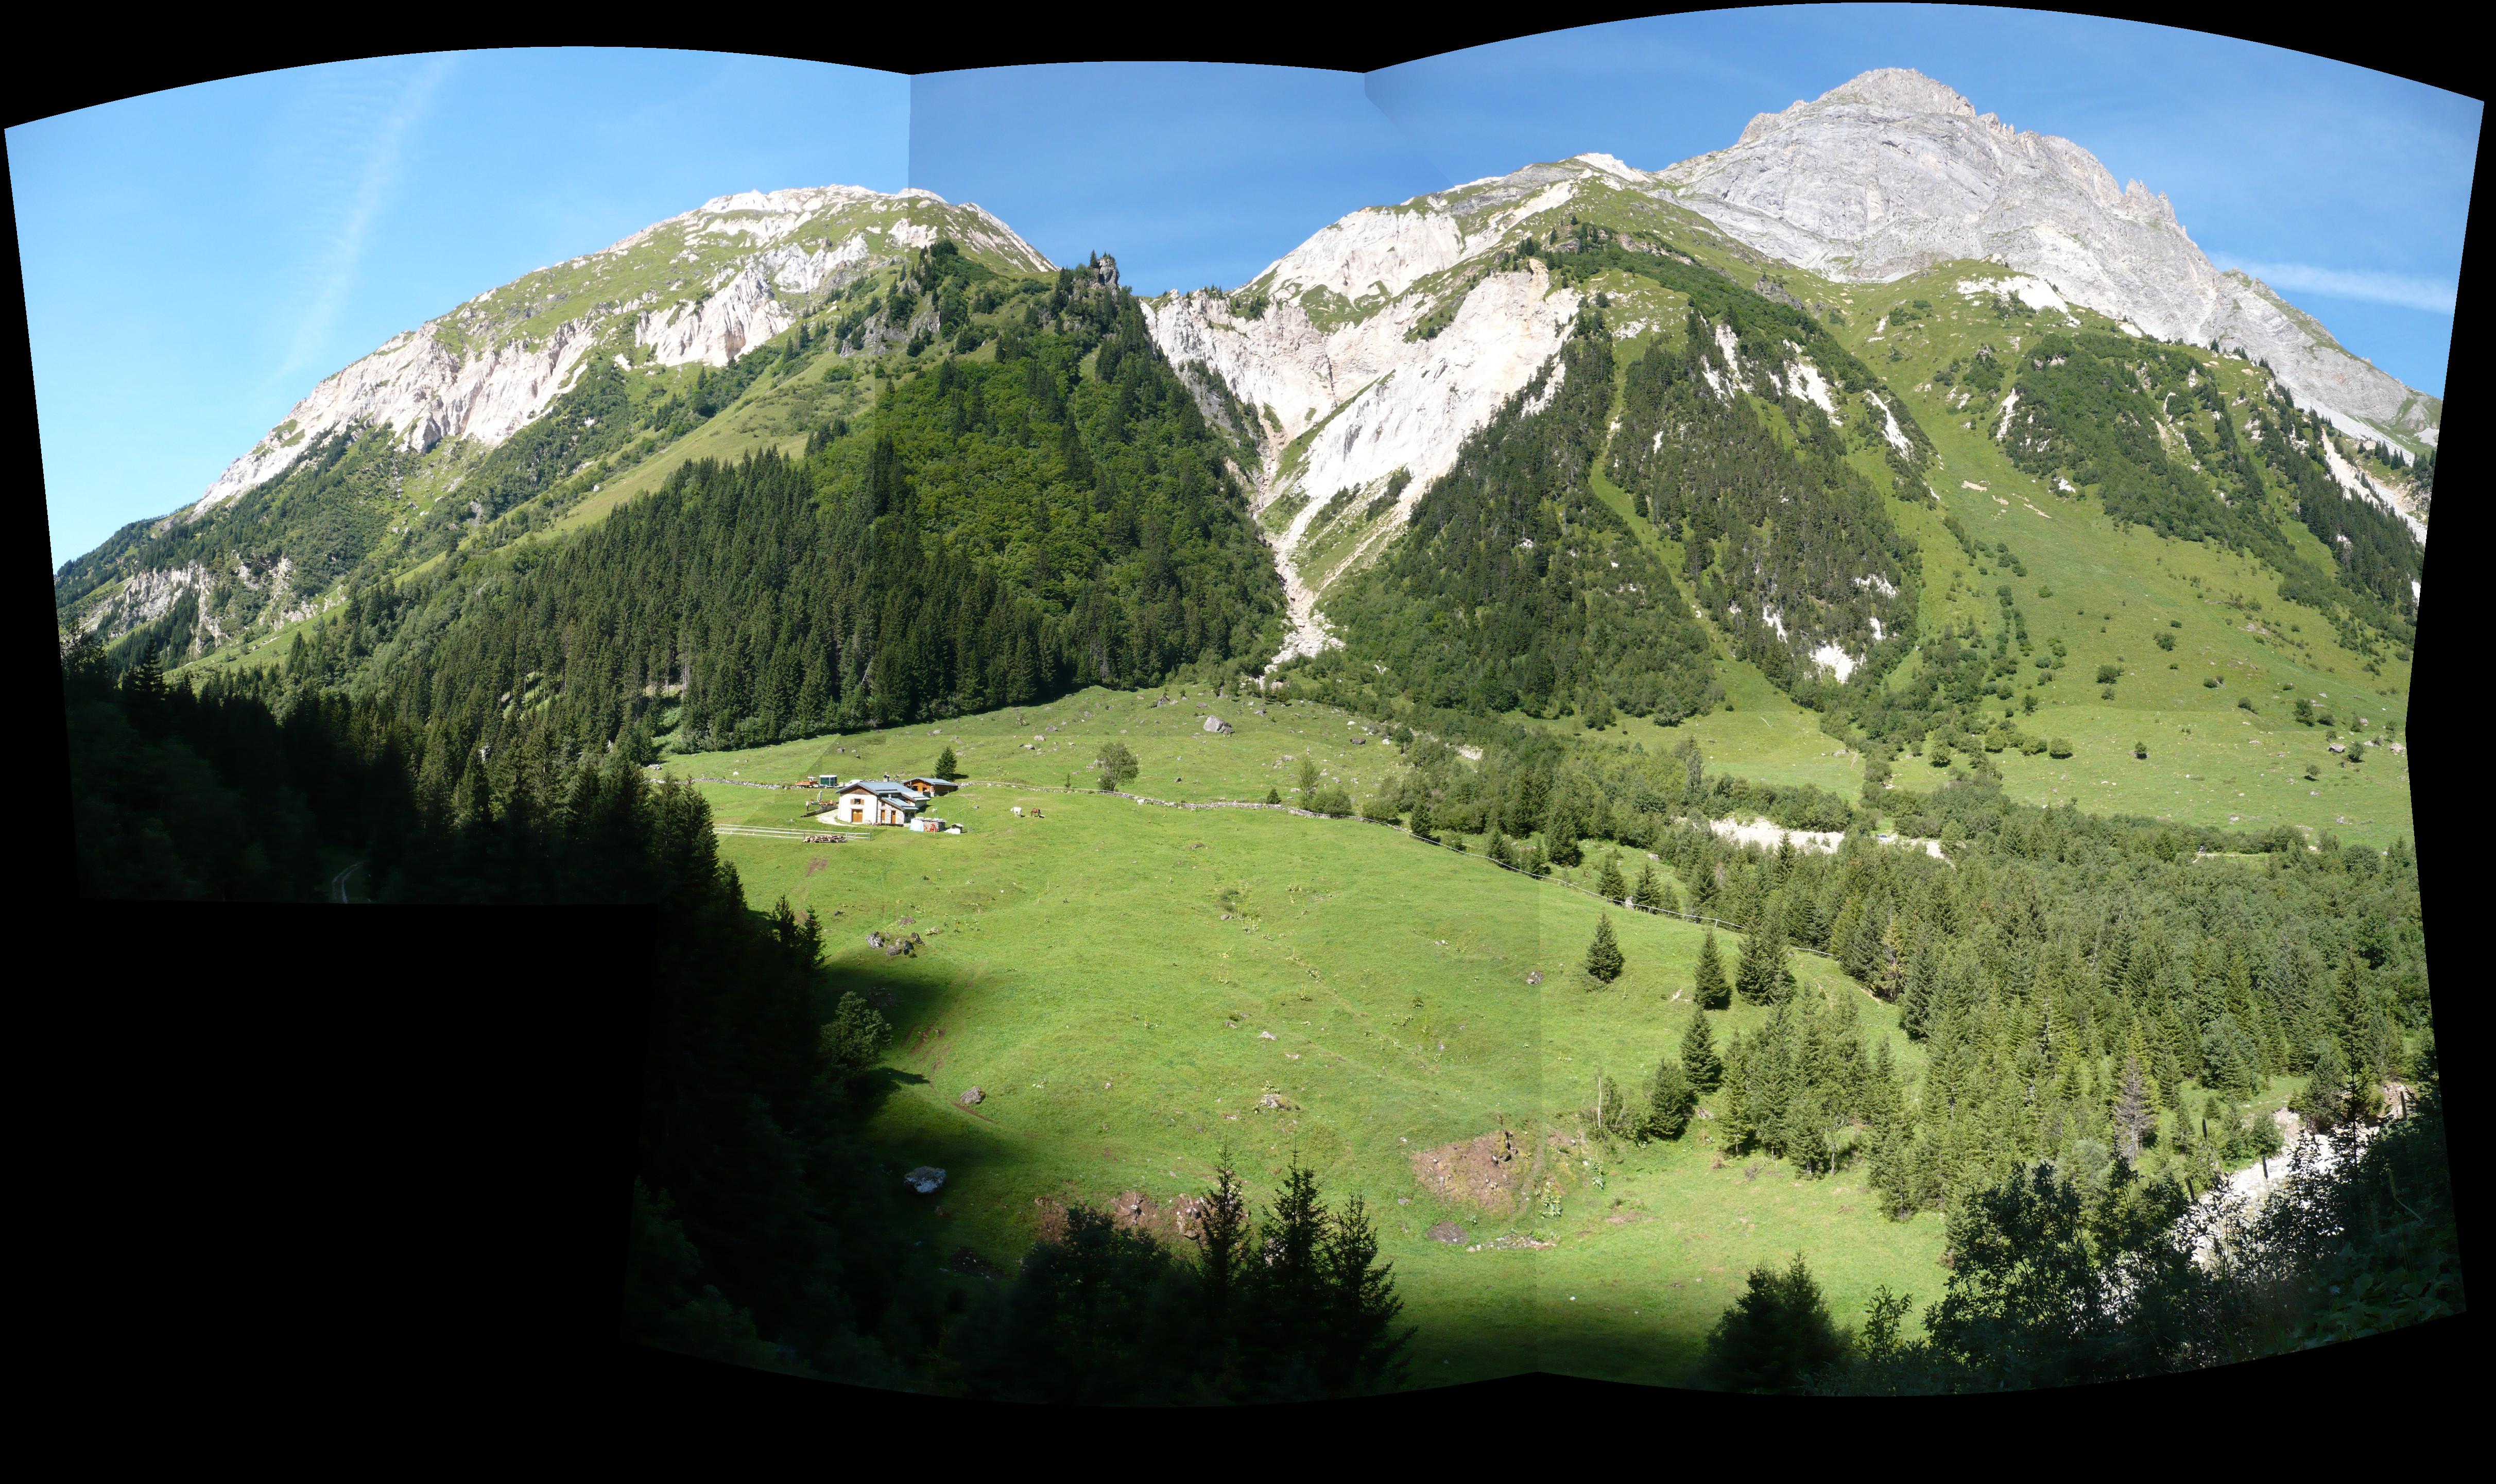 Description pralognan la vanoise - panorama montagne